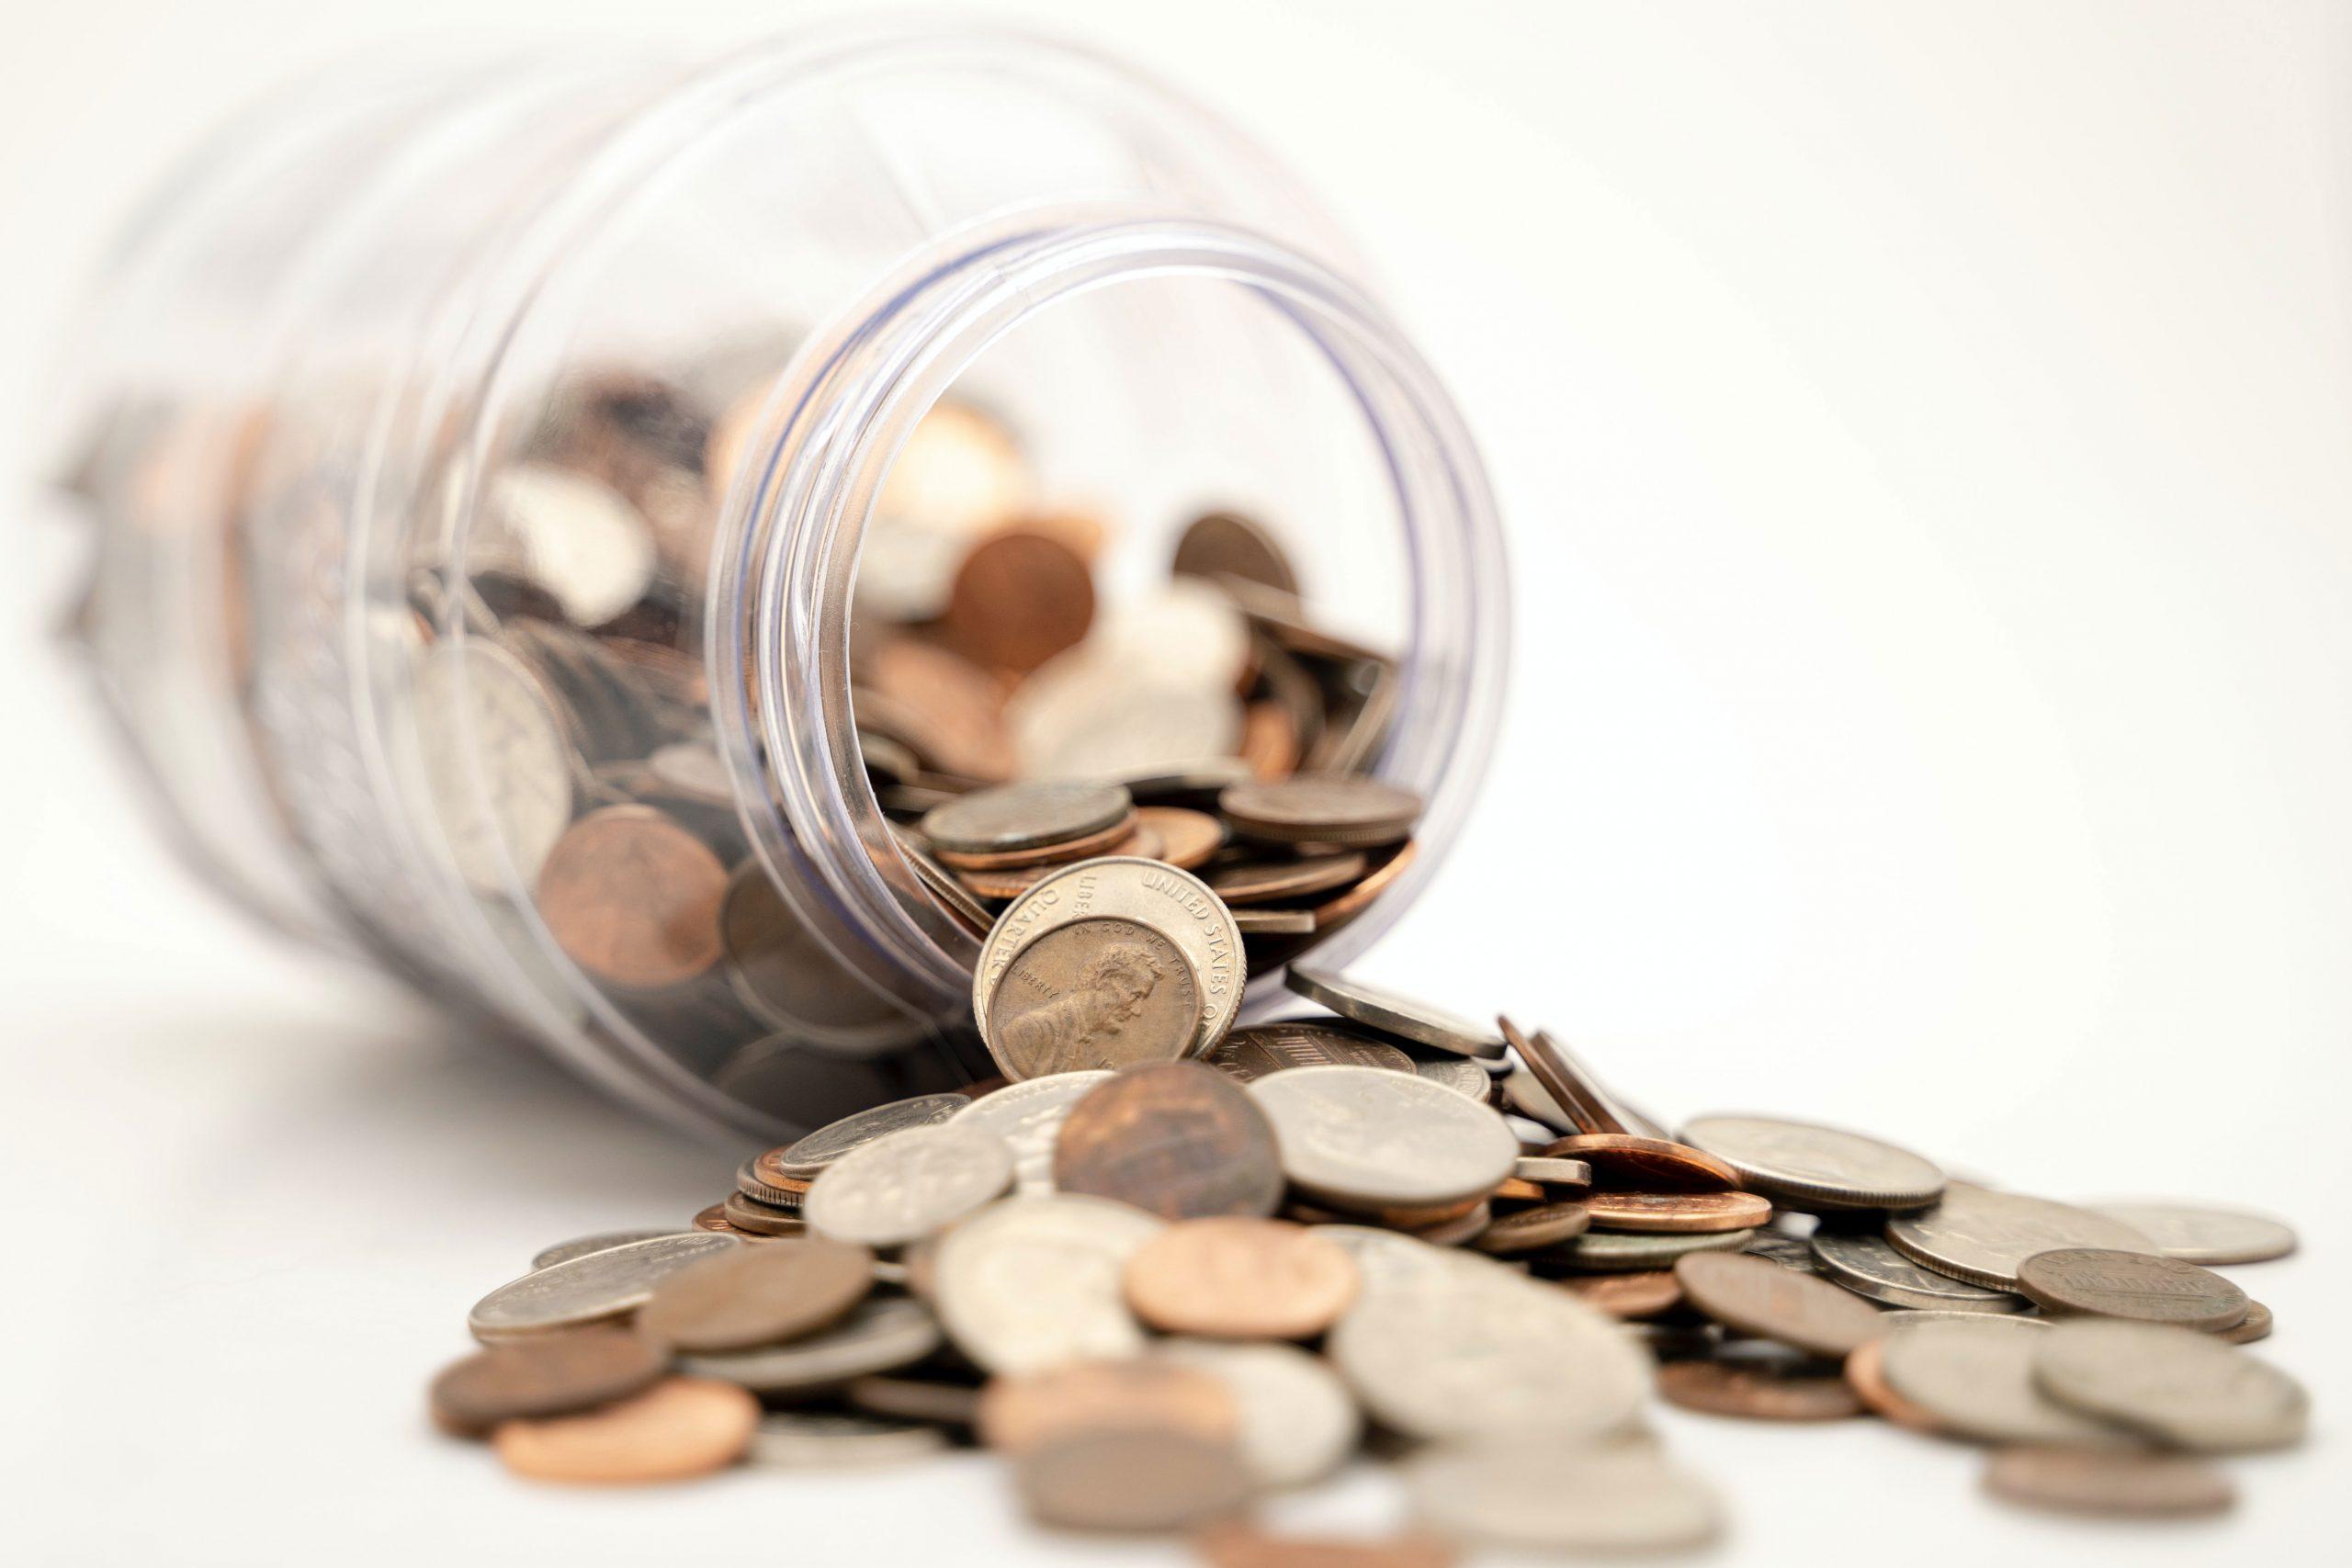 poupar dinheiro para viajar - image by michael longmire